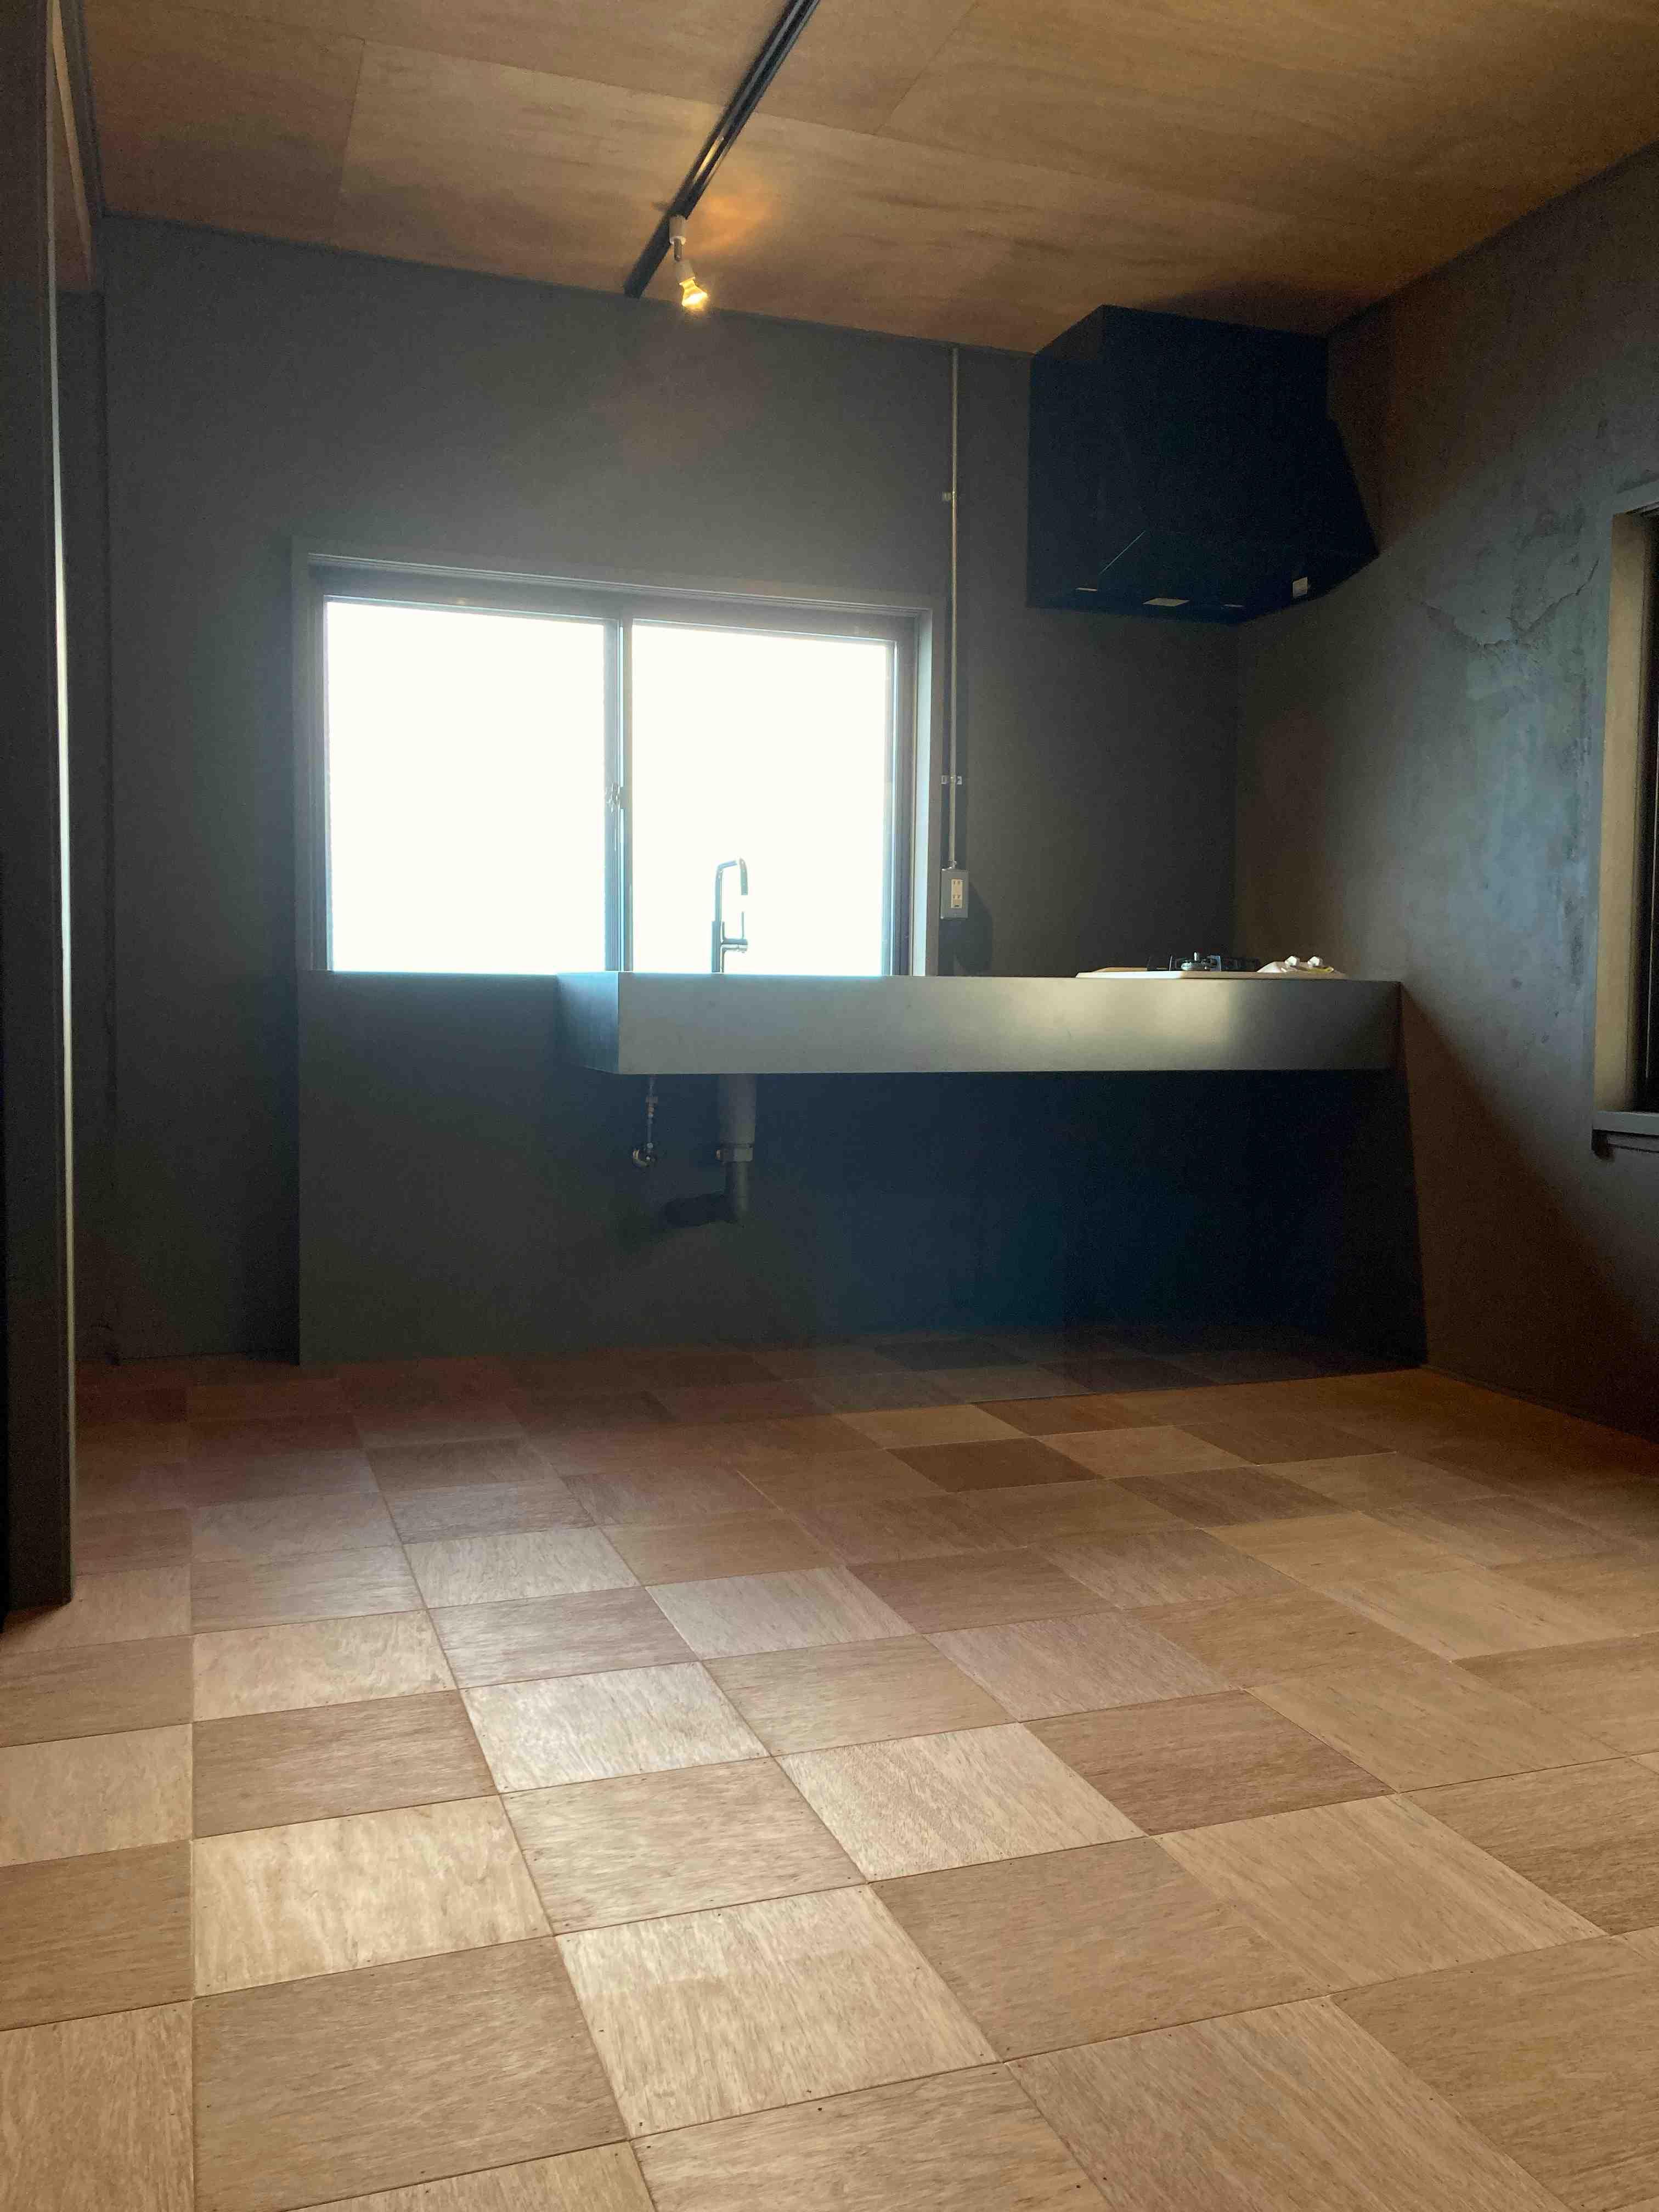 床は木タイル、キッチンはステンレスミニマルシンク